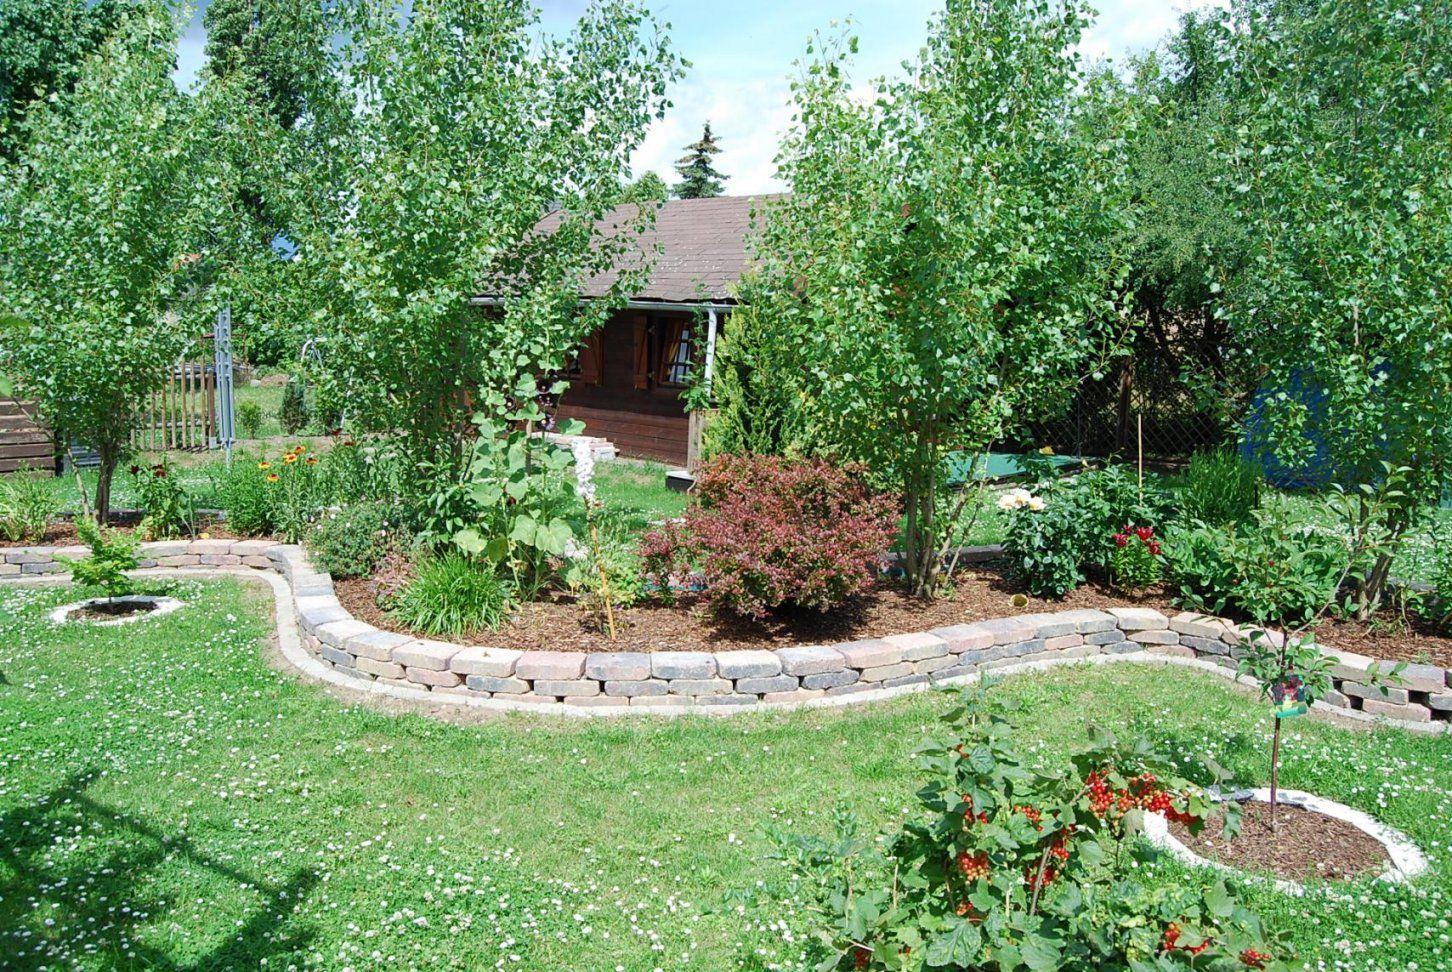 Hackschnitzel Oder Doch Rindenmulch  Hausgarten von Günstige Alternative Zu Rindenmulch Photo